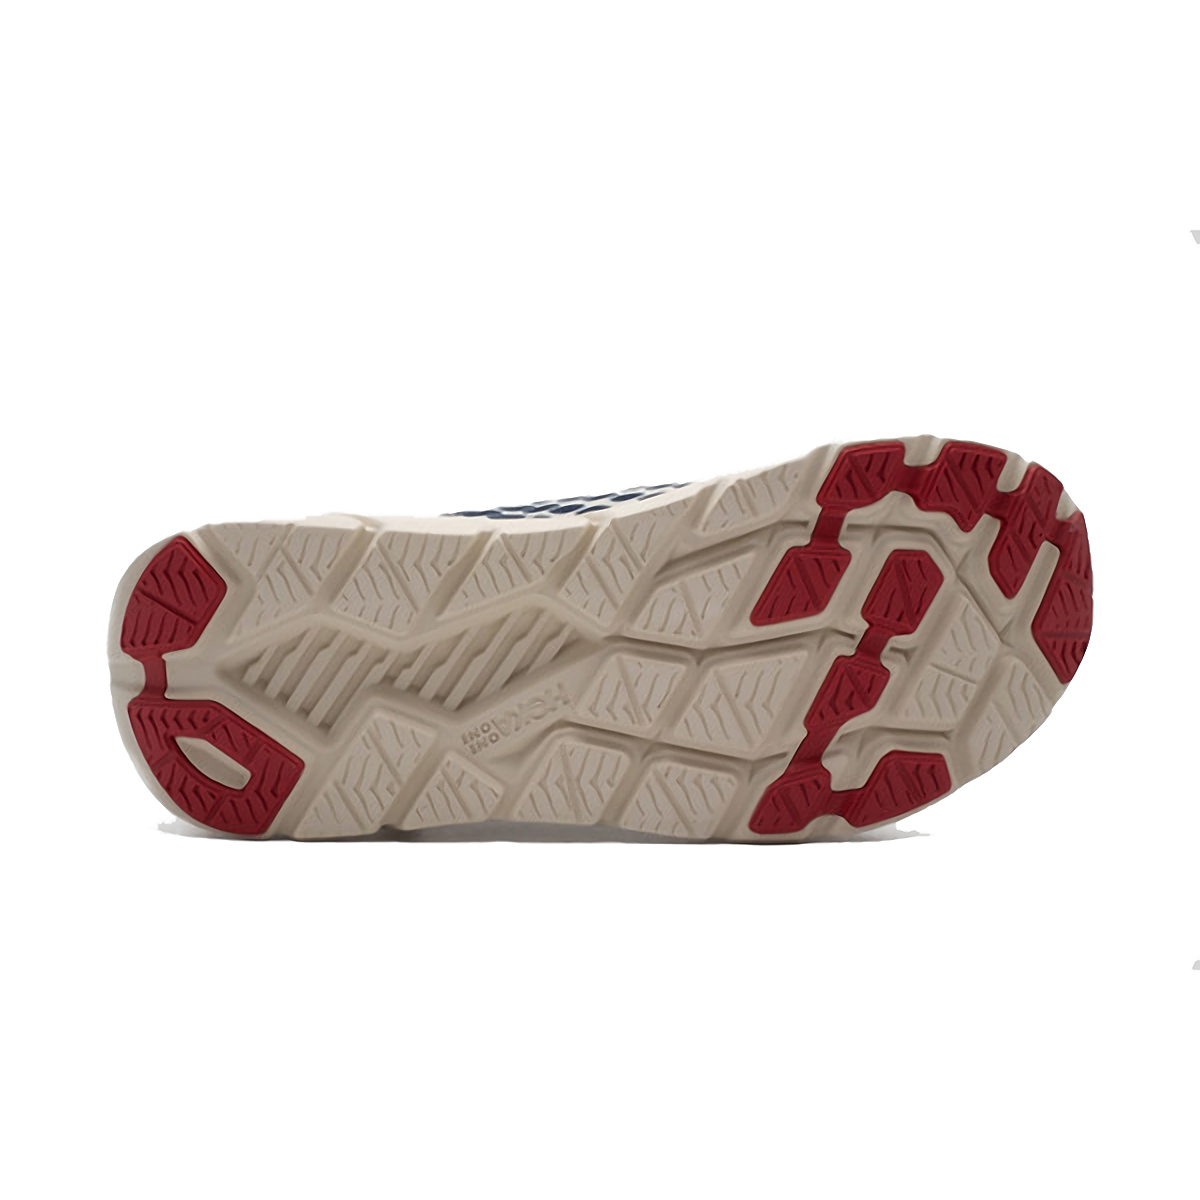 Men's Hoka One One Rincon TK Running Shoe - Color: Vintage Indigo - Size: 7 - Width: Regular, Vintage Indigo, large, image 5